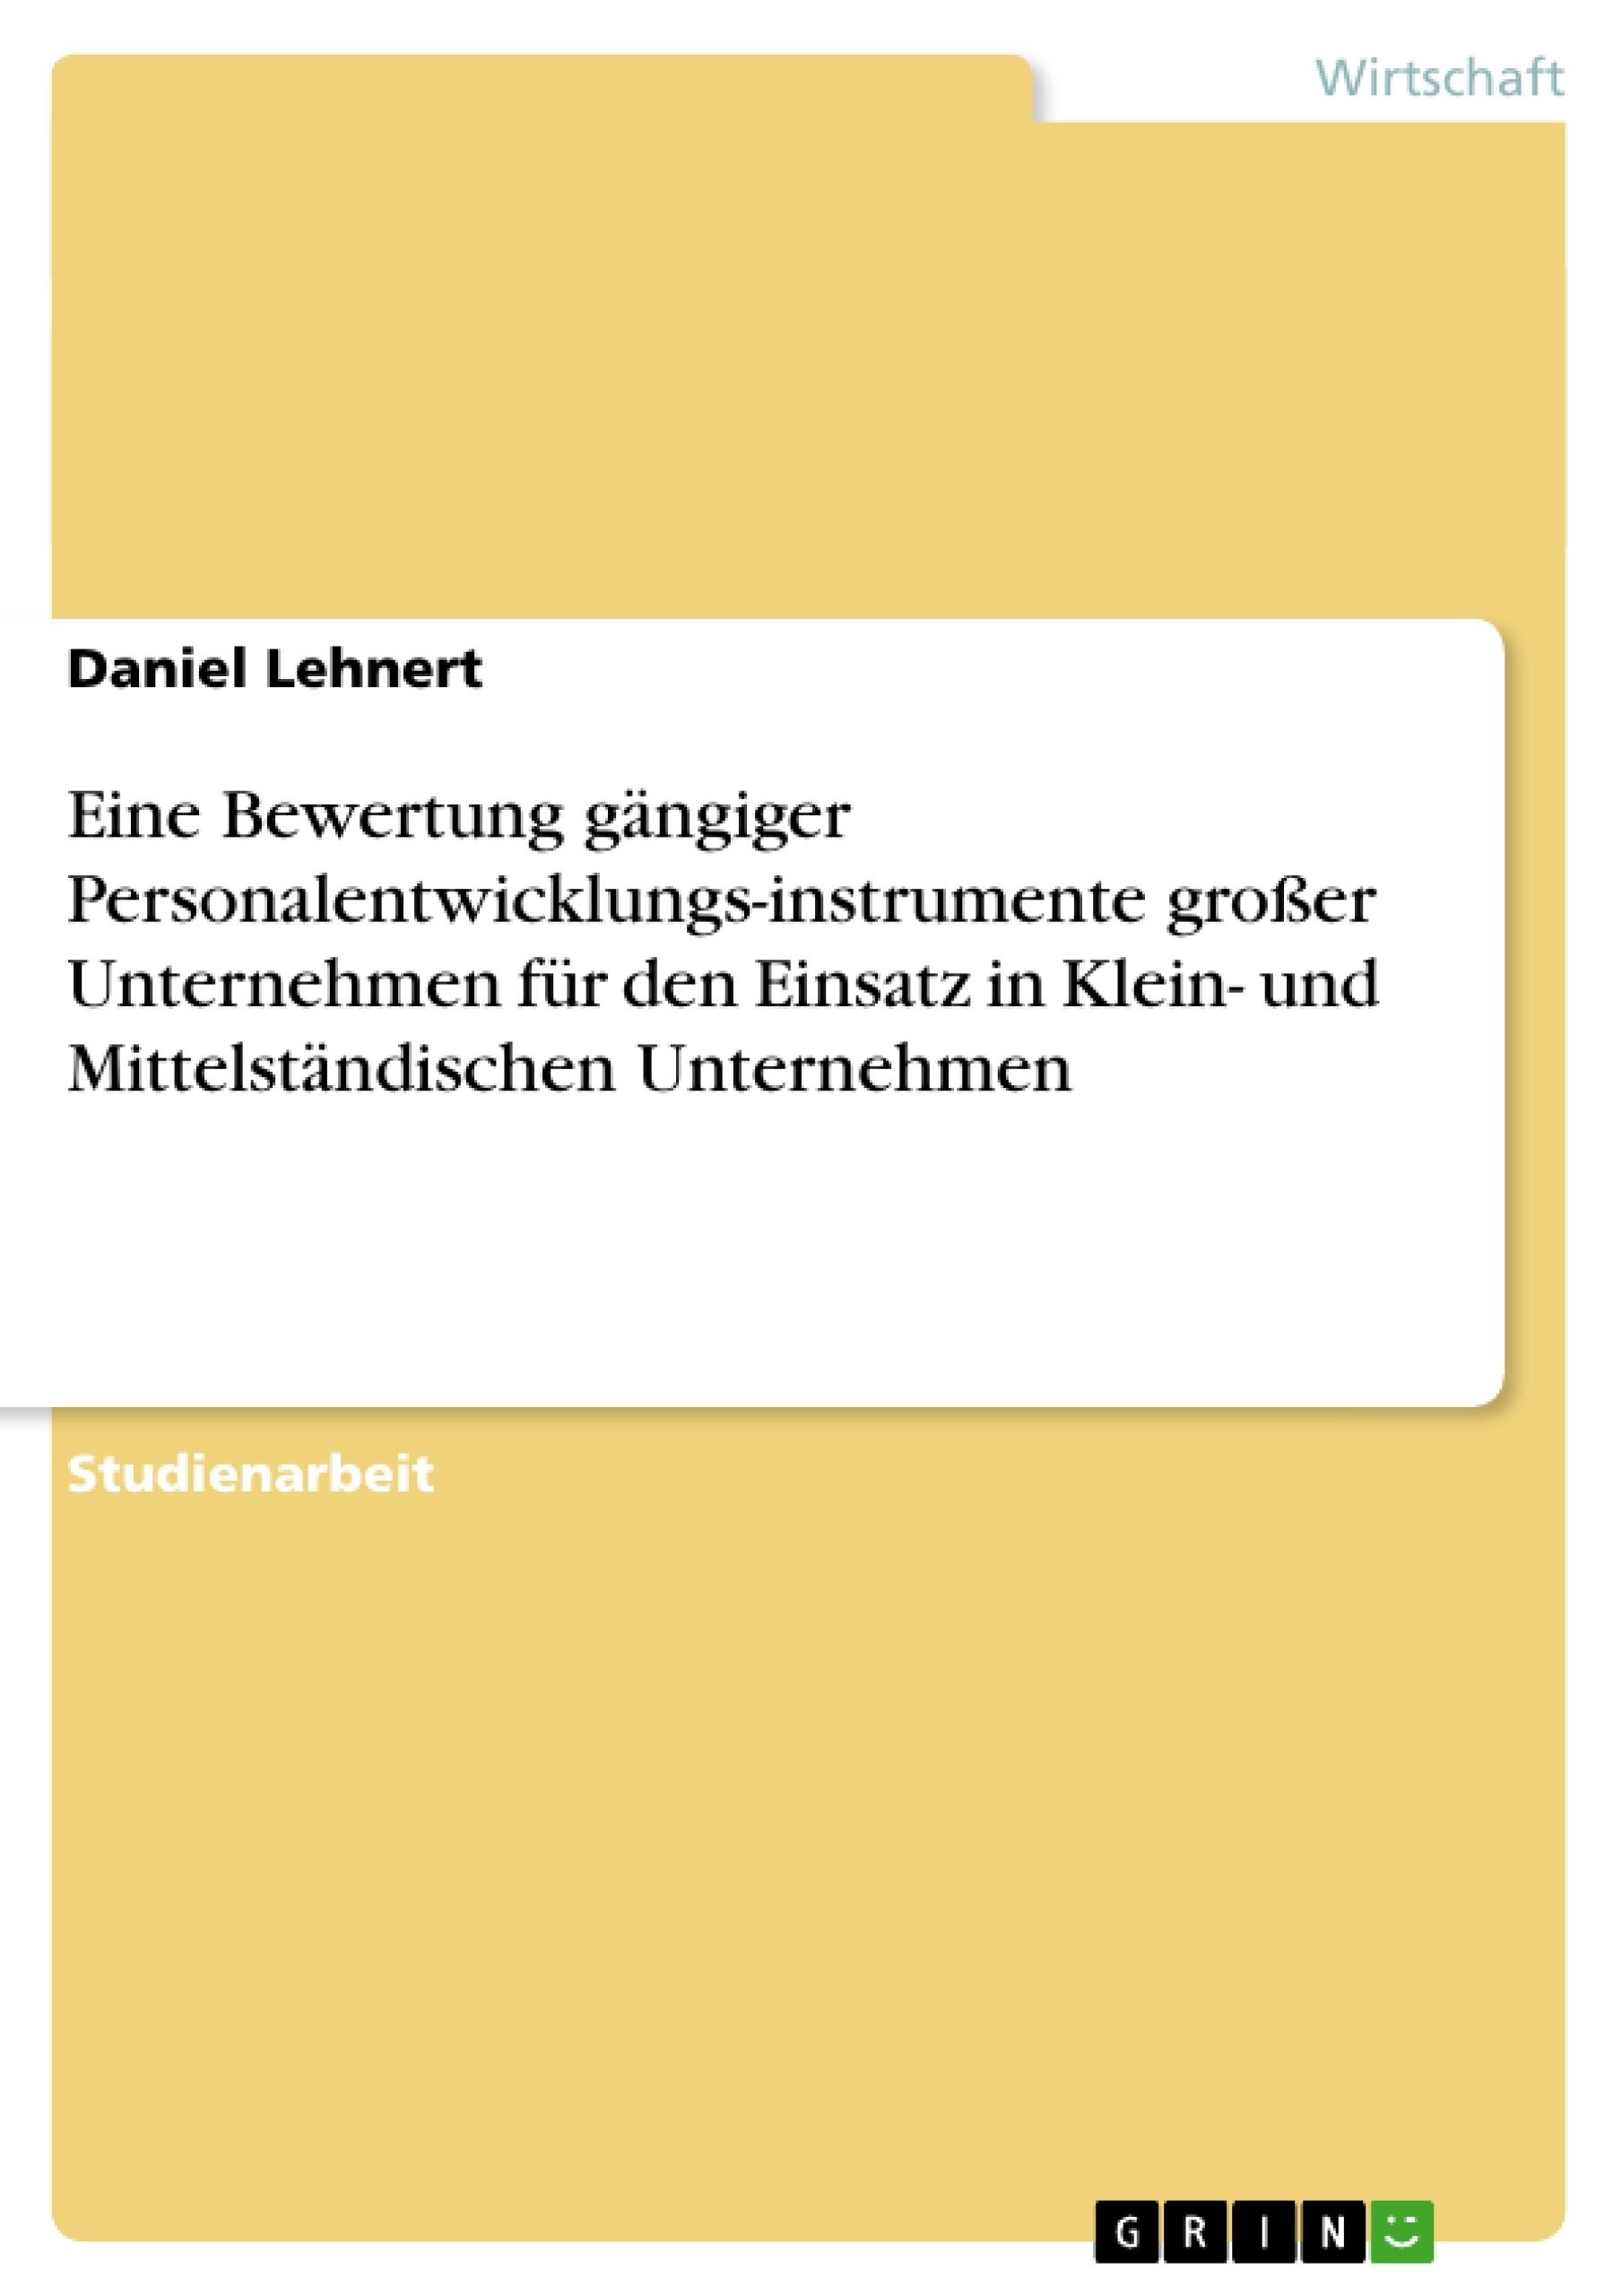 Titel: Eine Bewertung gängiger Personalentwicklungs-instrumente großer Unternehmen für den Einsatz in Klein- und Mittelständischen Unternehmen